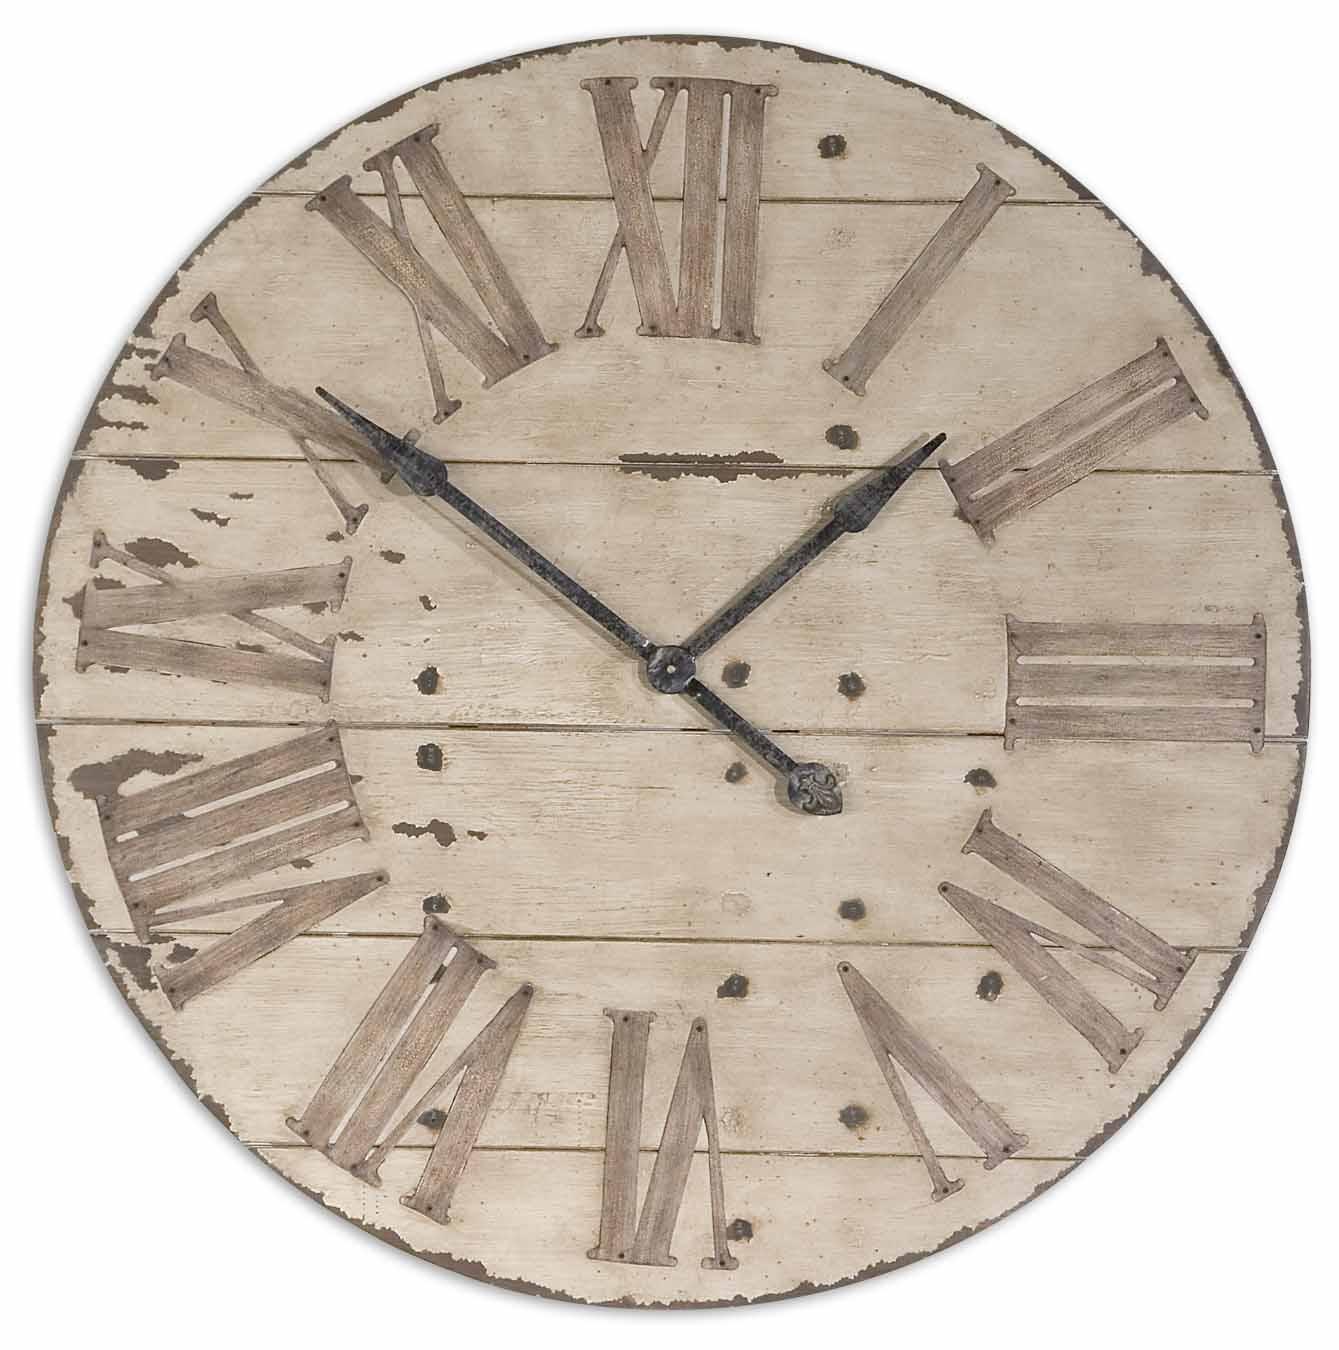 Uttermost Clocks Harrington Clock - Item Number: 06671